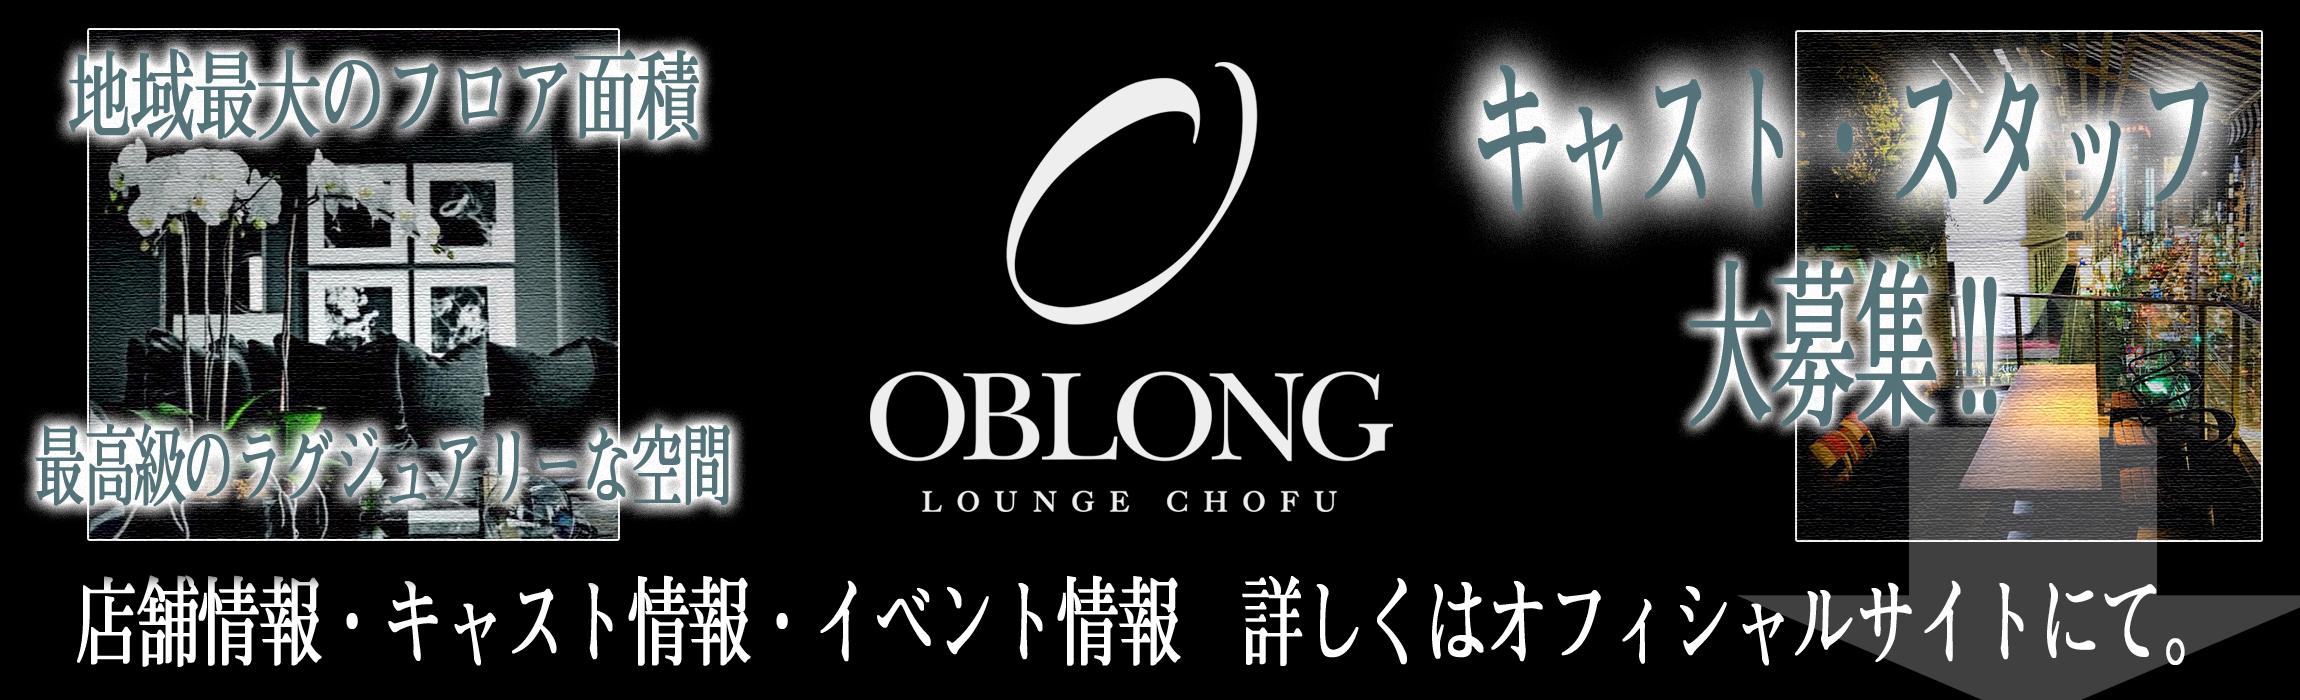 オブロングラウンジ(OBLONG LOUNGE)